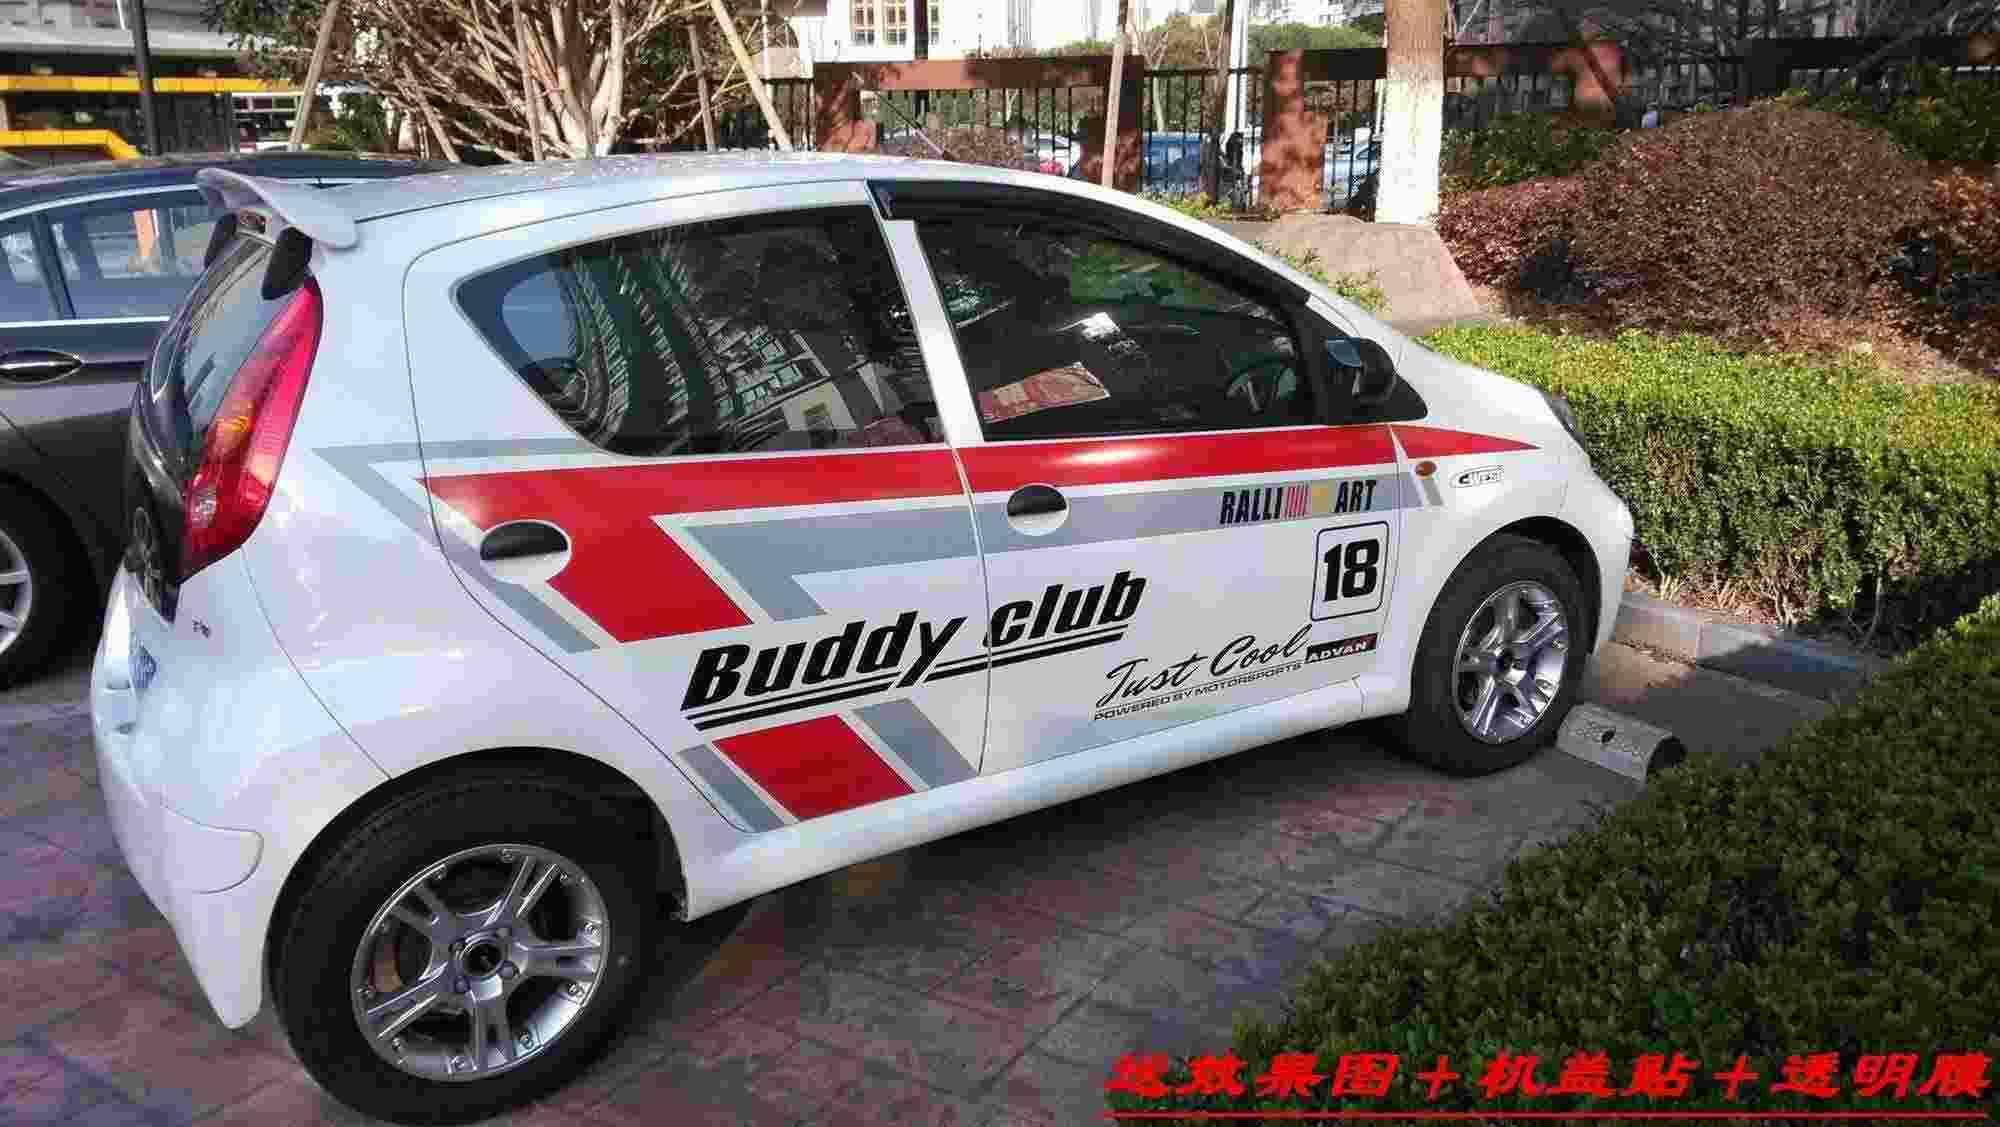 Byd Byd Byd F0 F0 Car Stickers Garland Modified Sports Car Cartoon